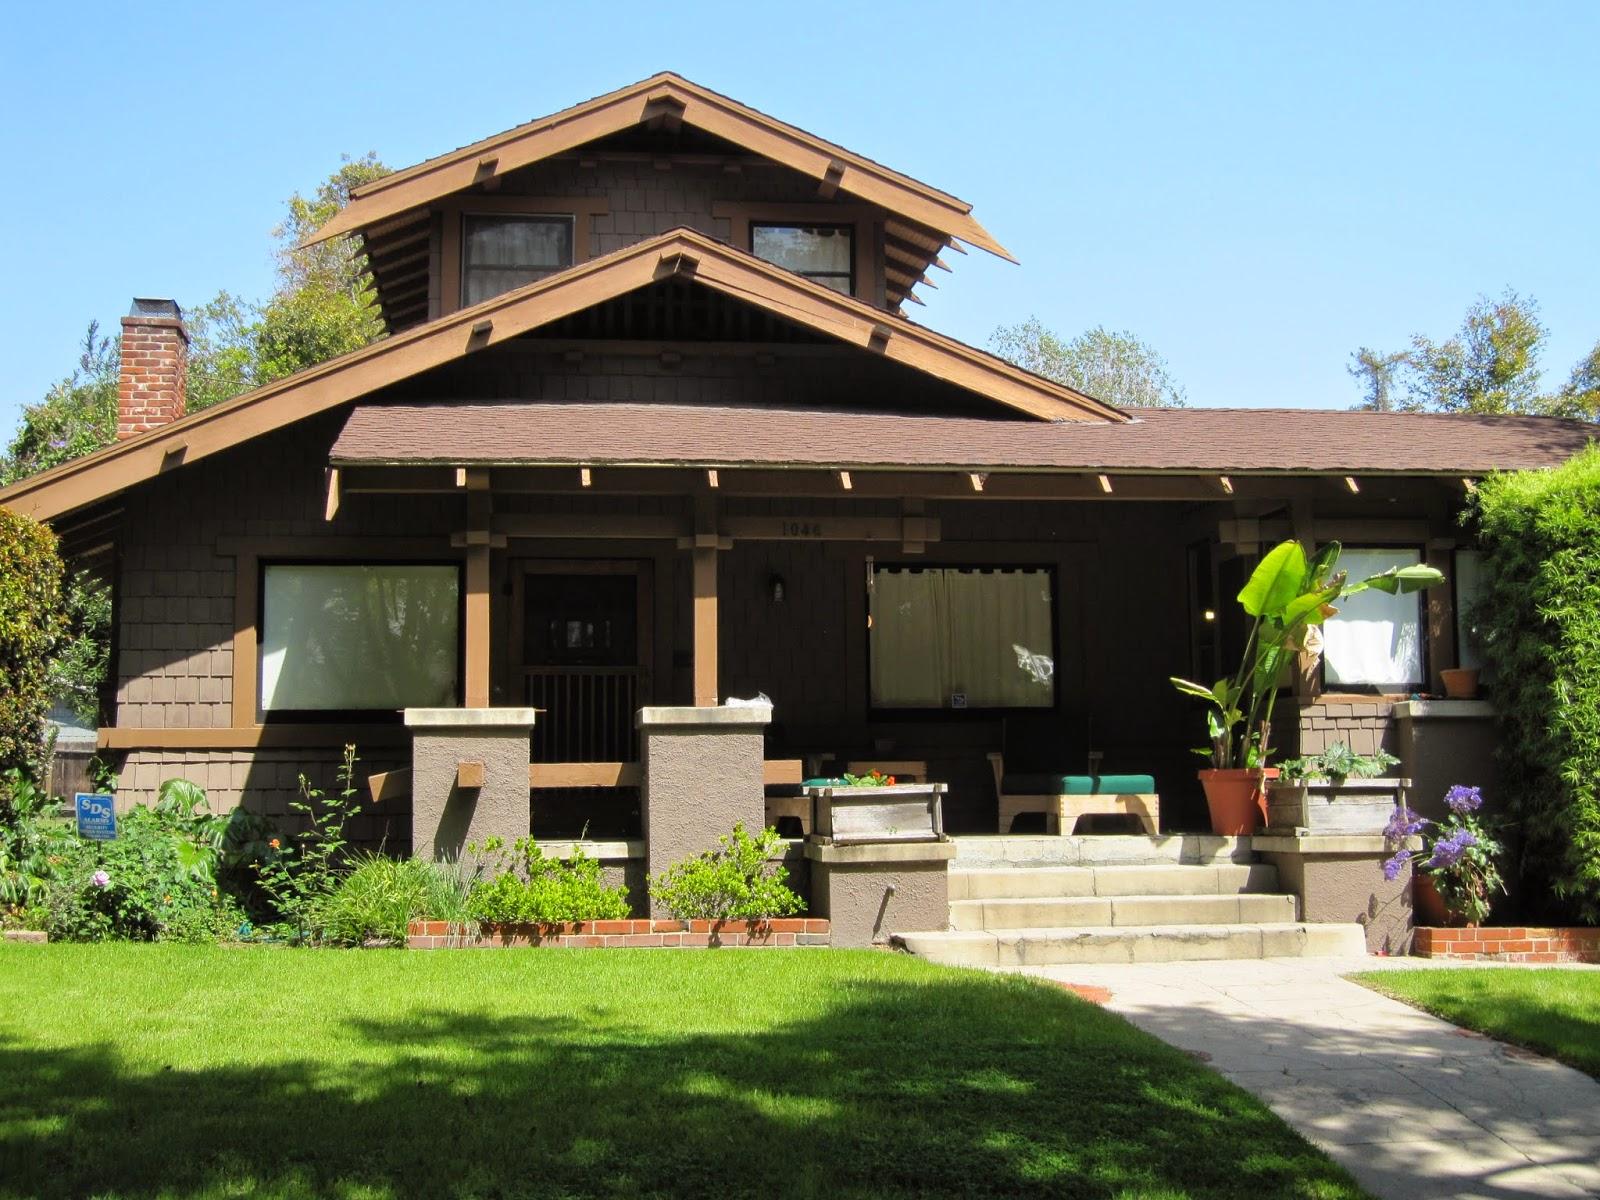 L A Places Bungalow Heaven: Pasadena Is A Bungalow Heaven